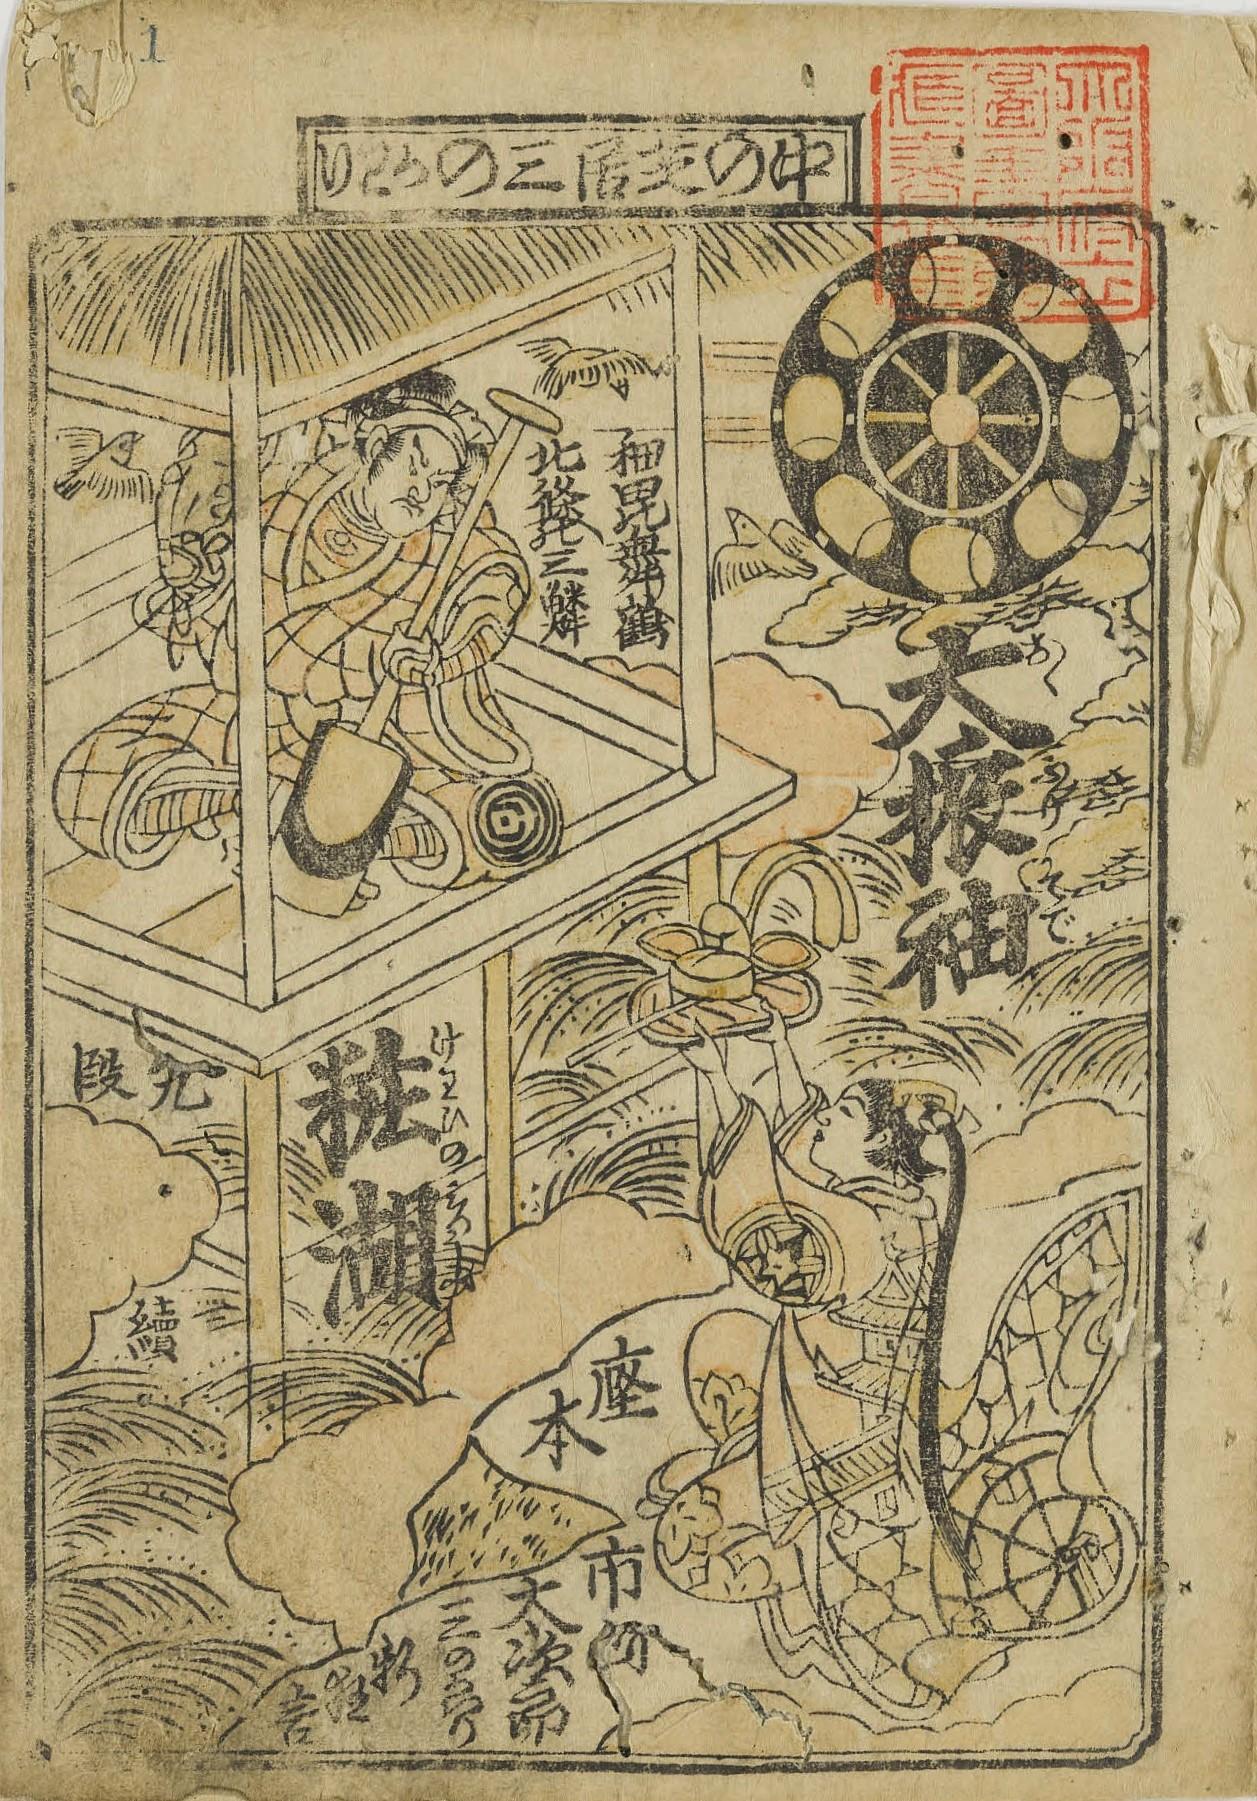 大阪府立中之島図書館所蔵、「朝日新聞」文庫の芝居番付